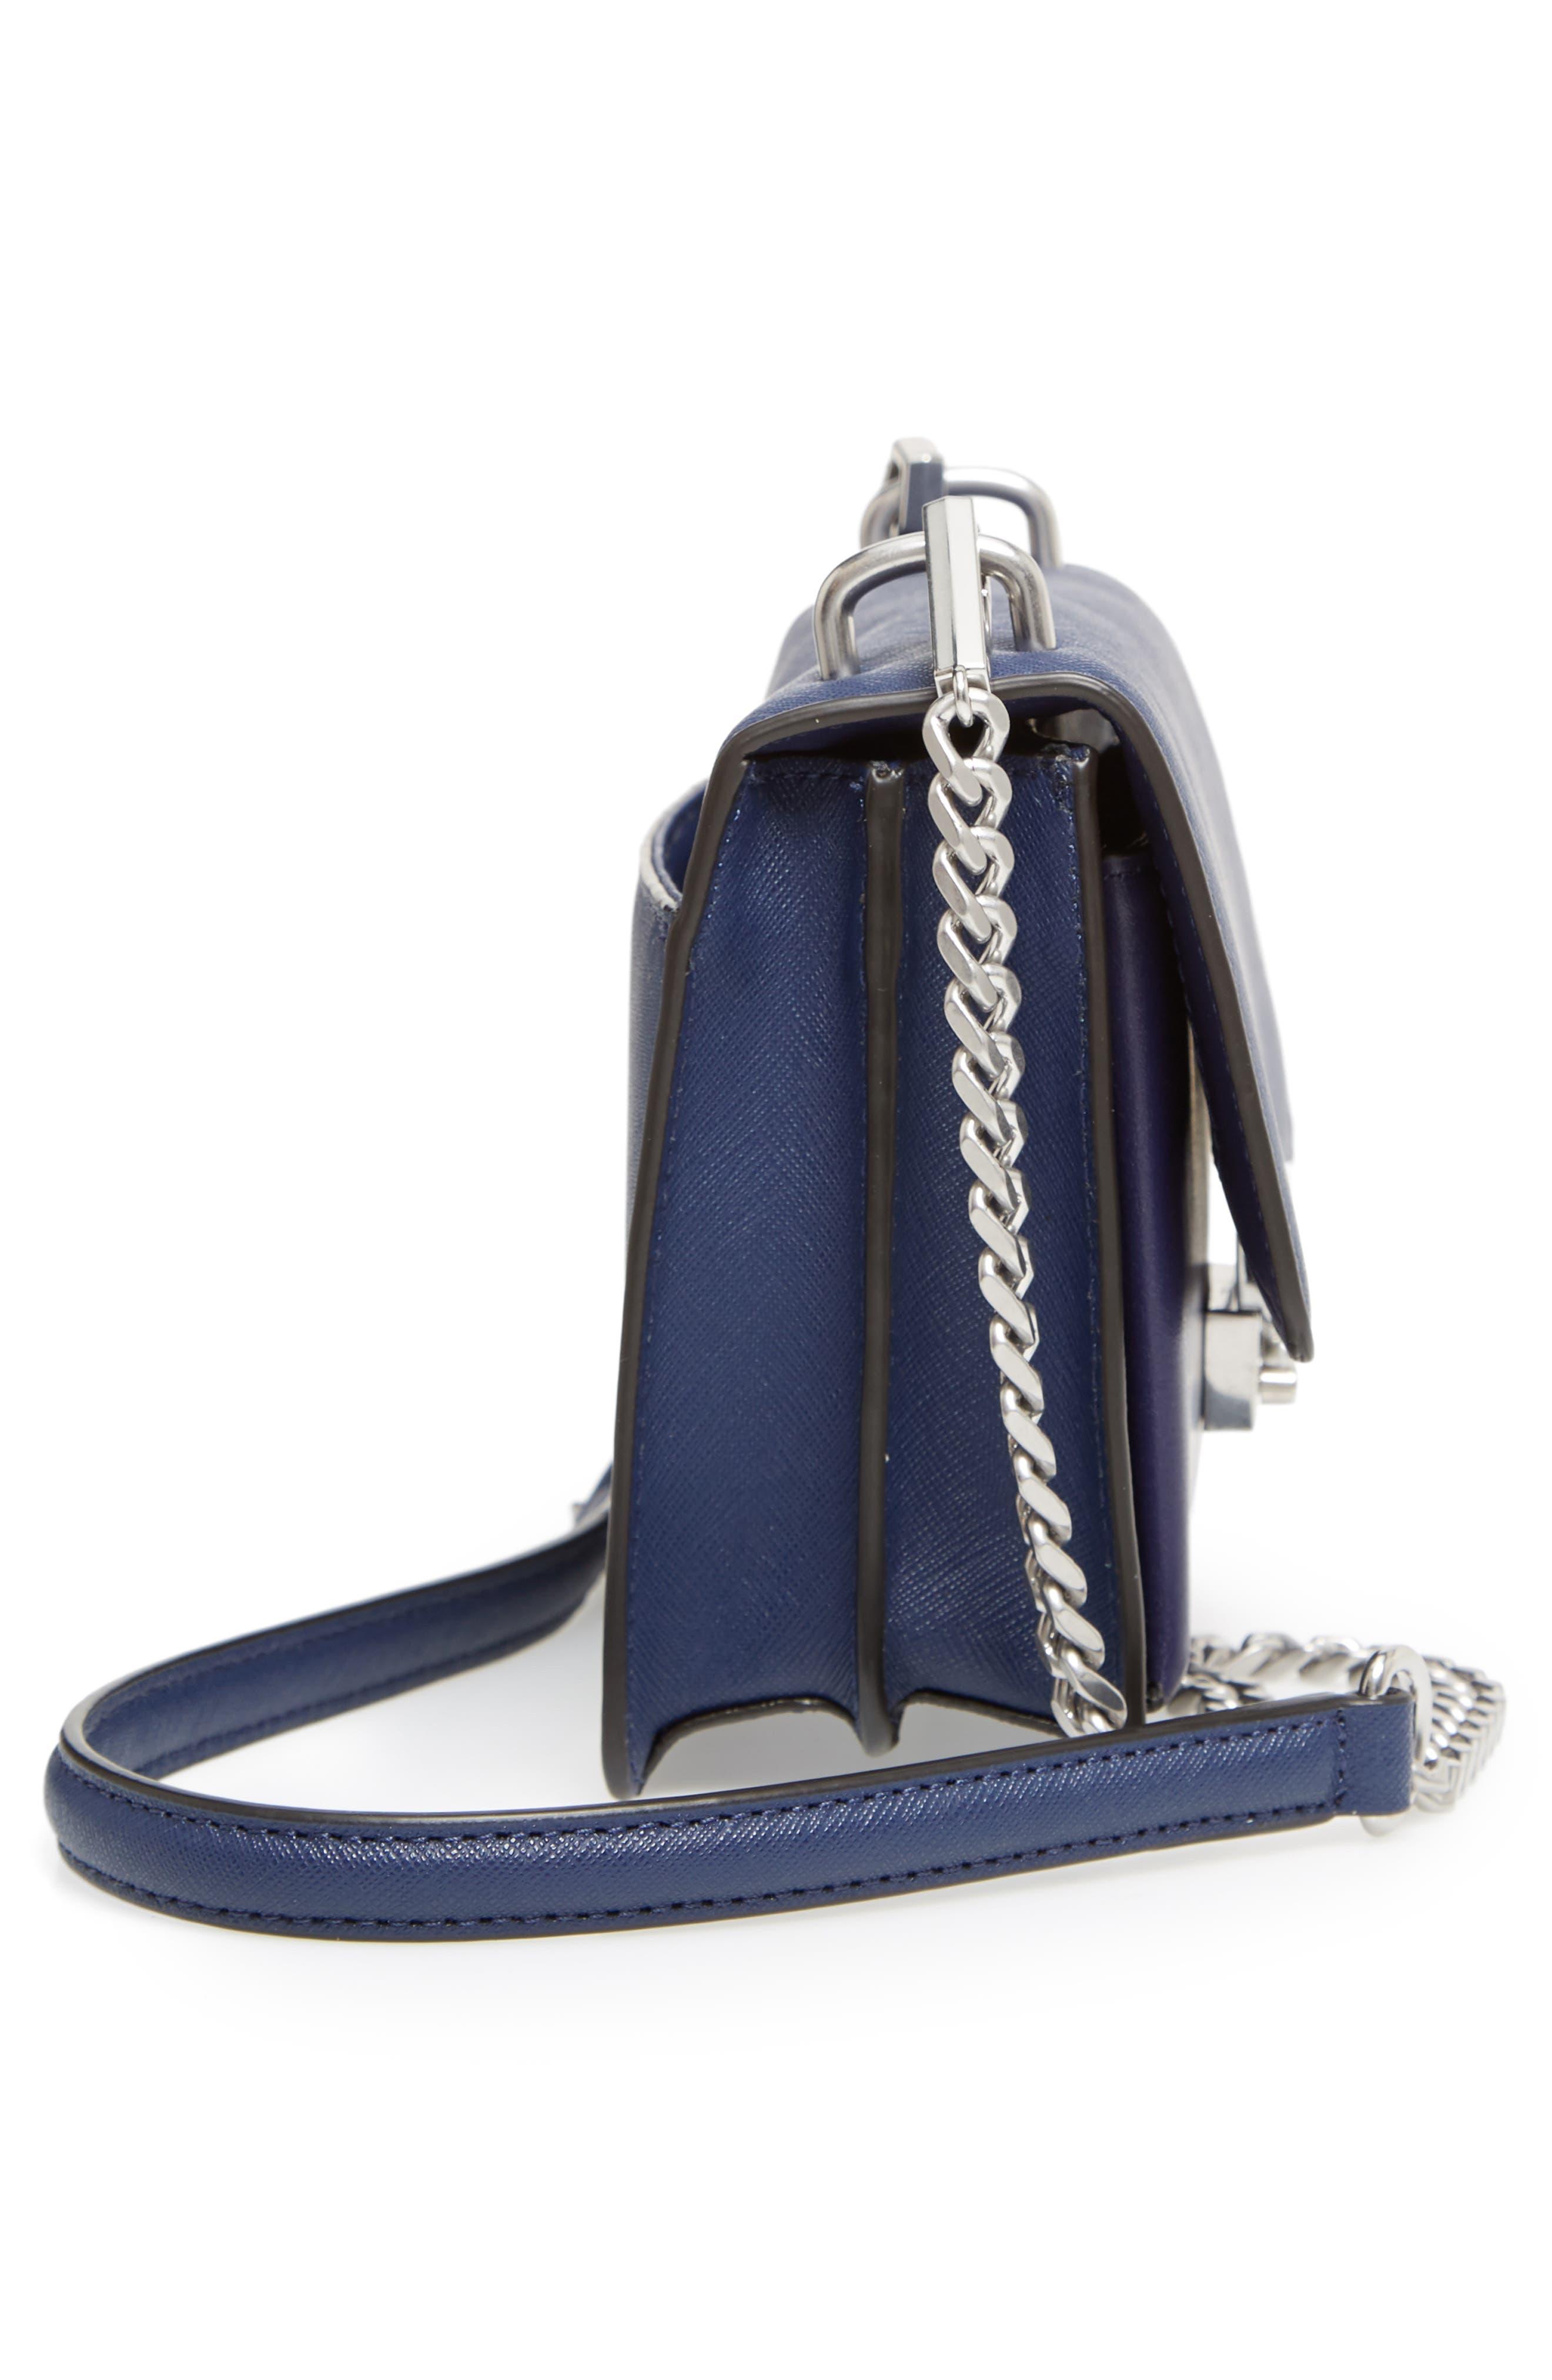 Medium Christy Leather Shoulder Bag,                             Alternate thumbnail 23, color,